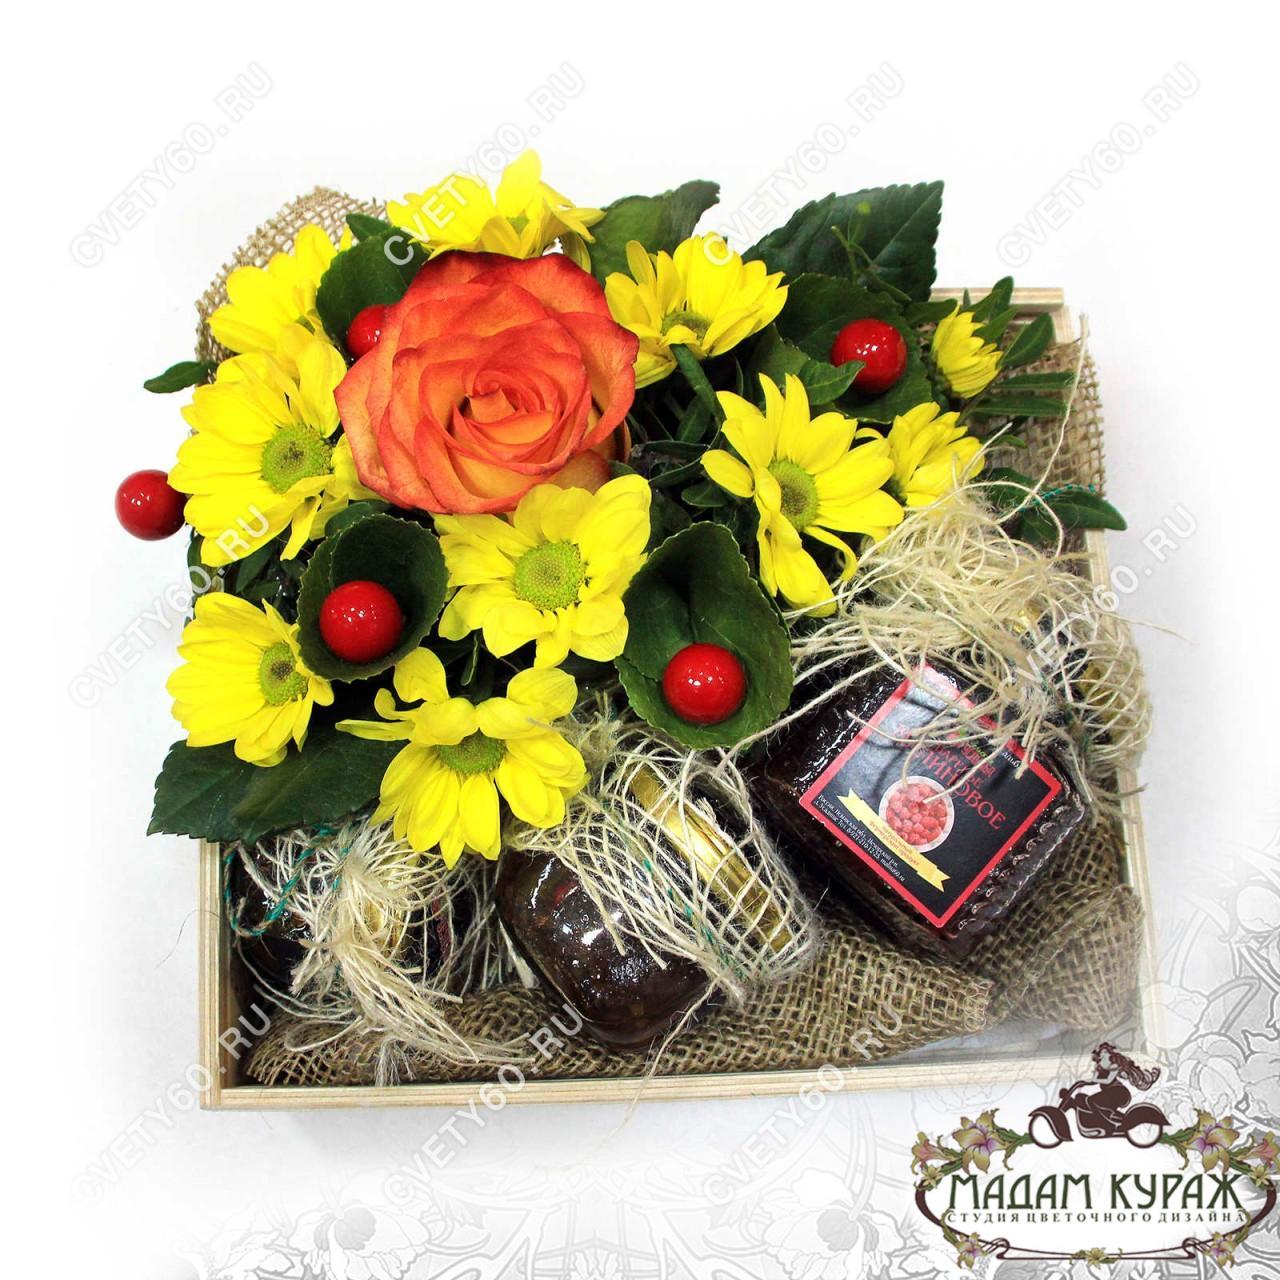 Подарок в виде корзинки и цветочной композиции в Пскове на заказ